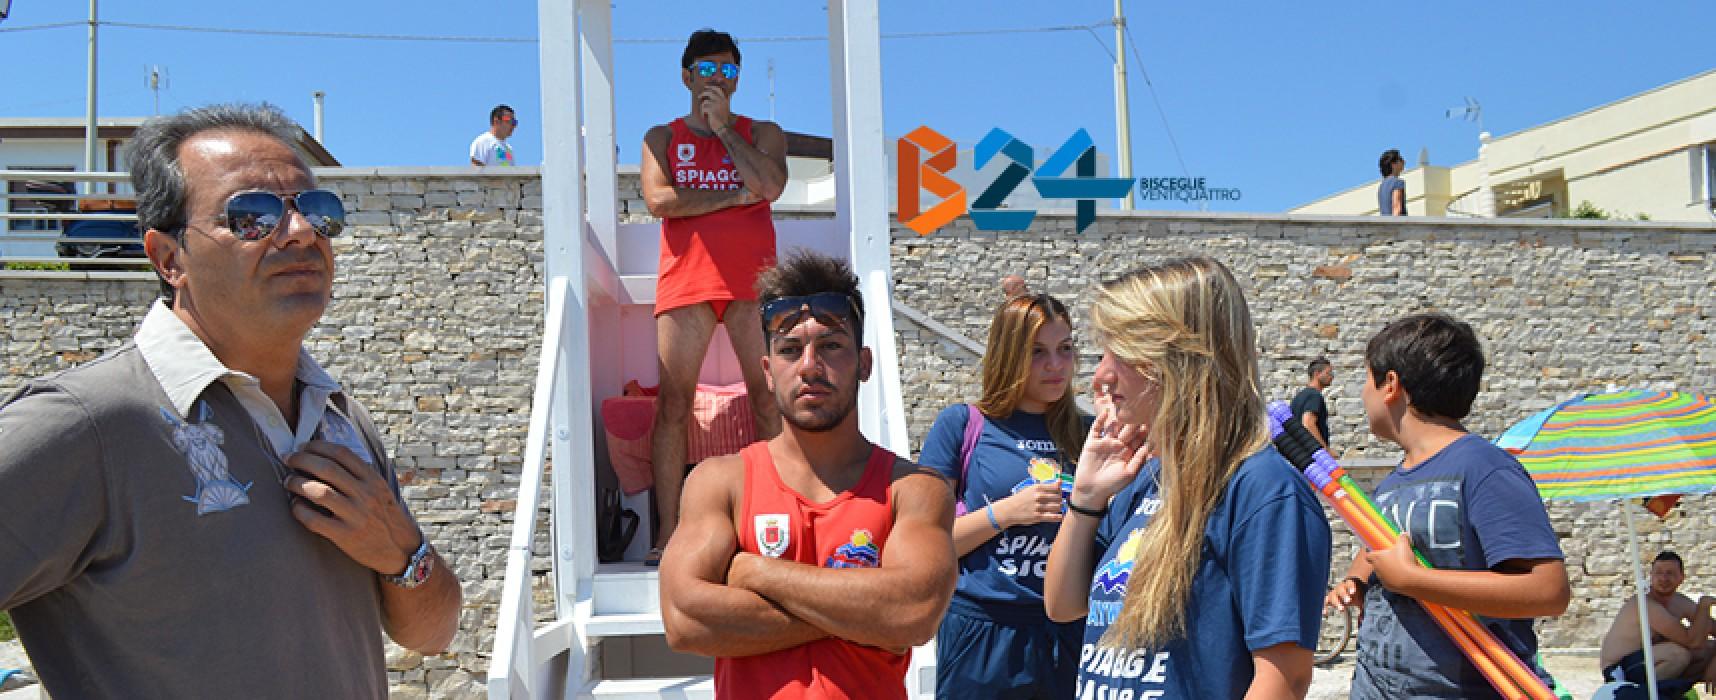 """Dal 1° luglio tornano i bagnini dell'associazione """"Baywatch"""" sulle spiagge libere biscegliesi"""